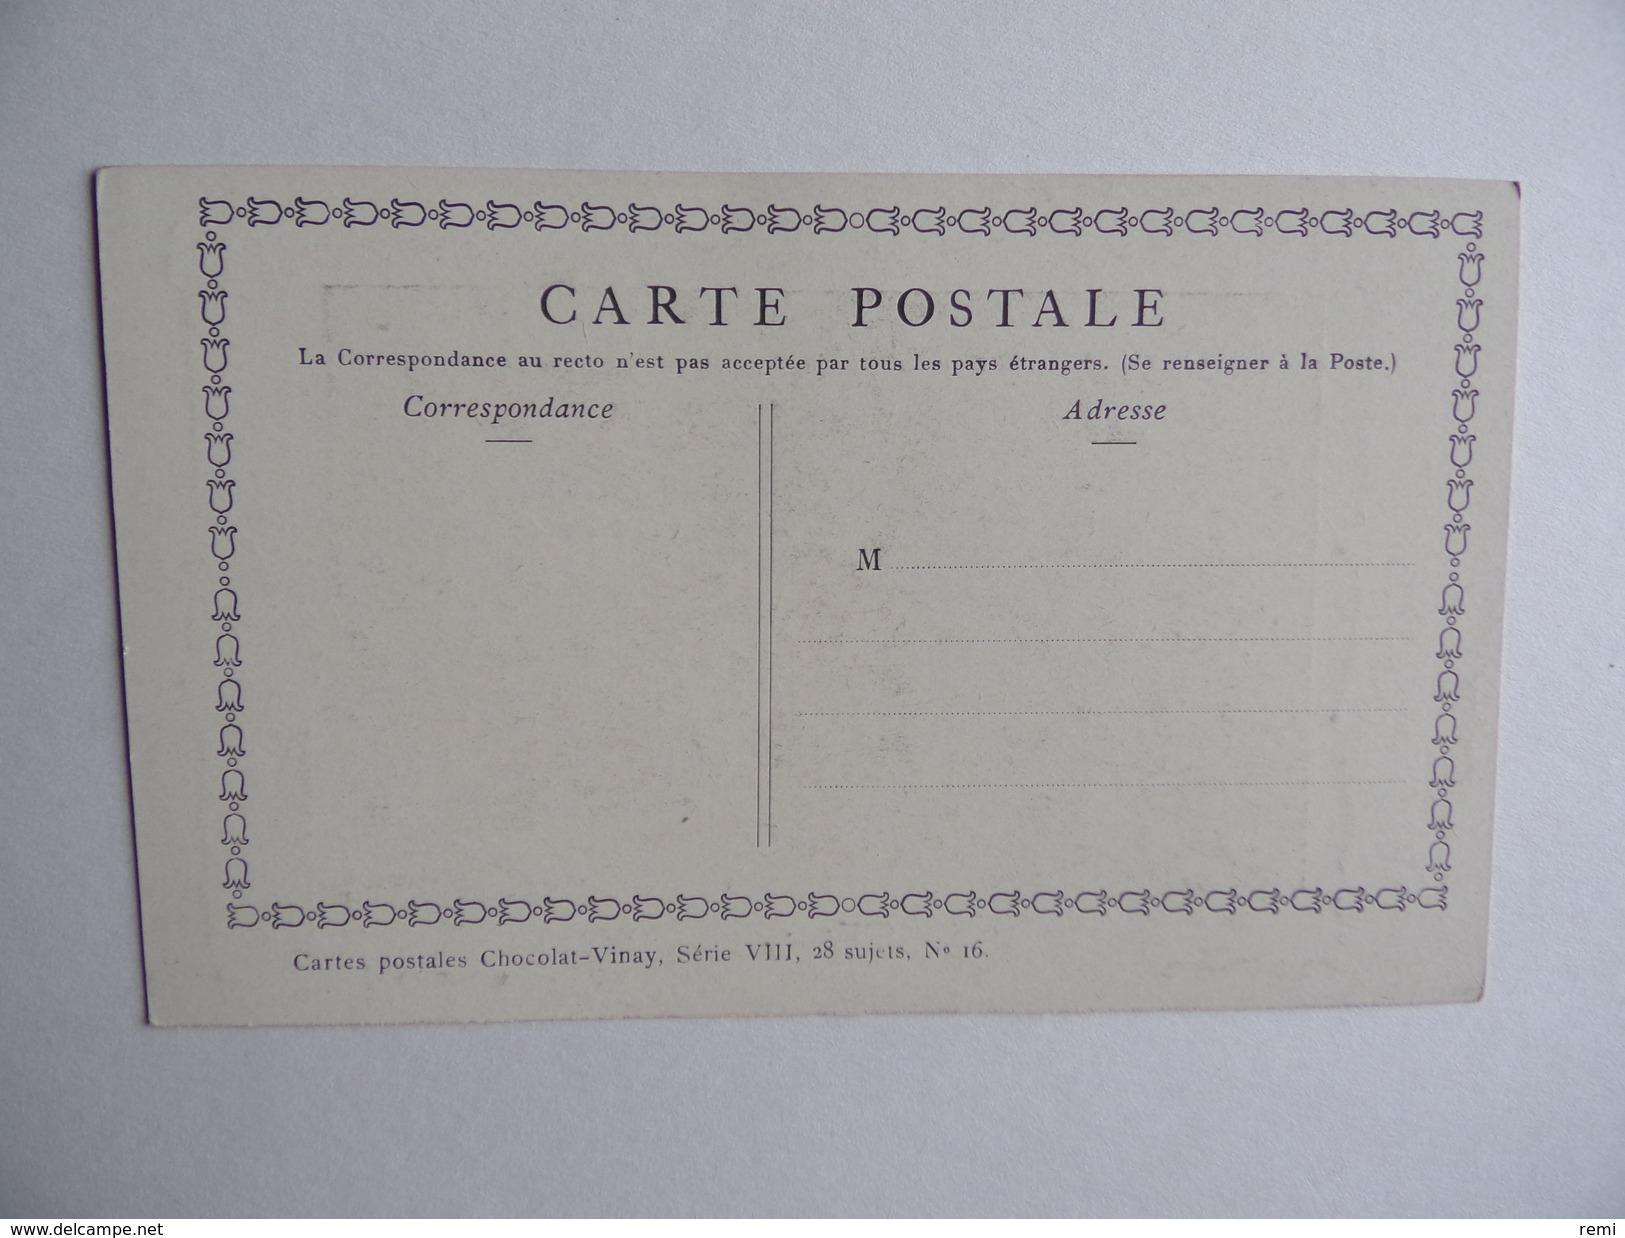 Carte Postale CHOCOLAT VINAY Nicaise Série VIII 28 Sujets N° 16 - Publicité